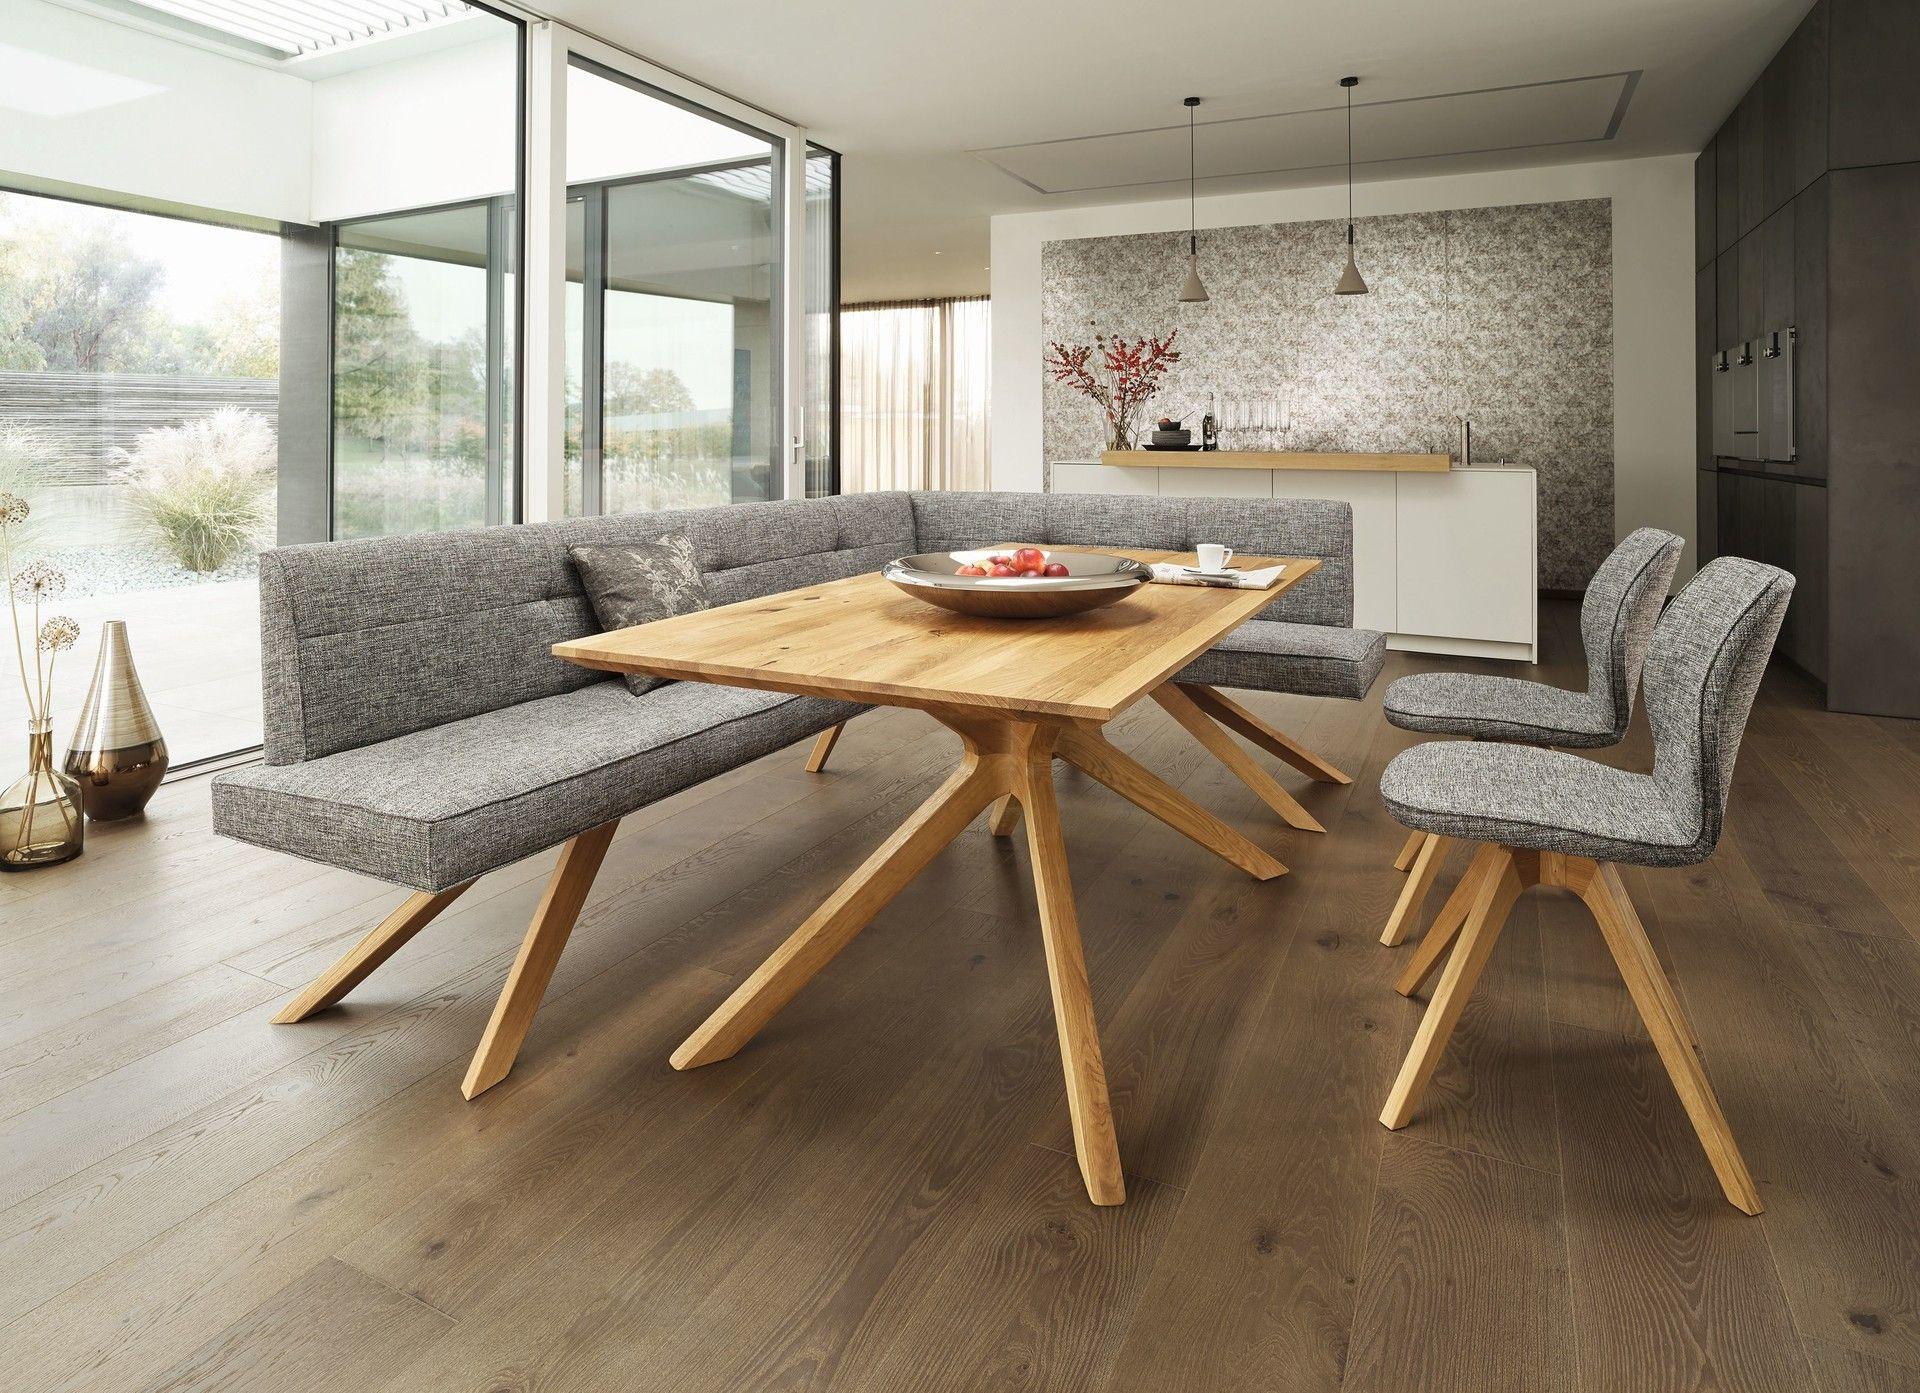 Tisch und stuhl esstische f rs esszimmer essecke in for Esszimmer stuhle und tisch